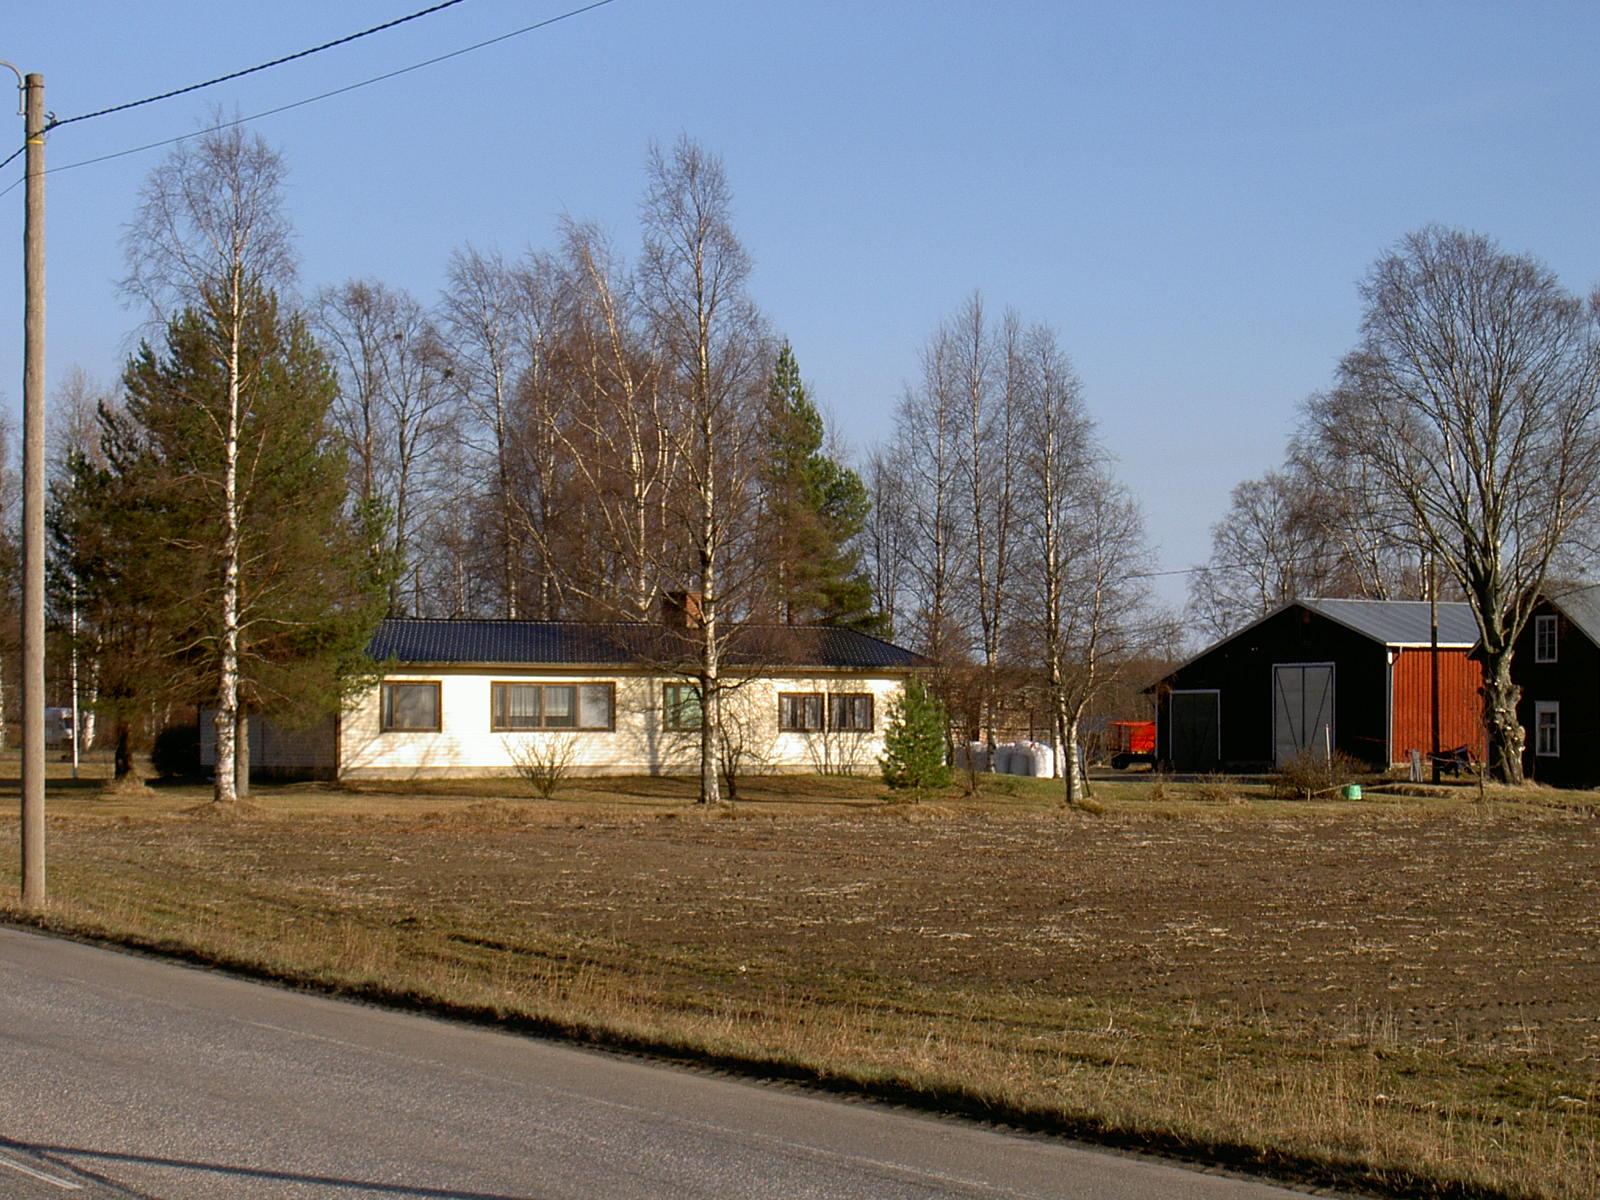 År 2003 såg huset ut här som Börje och Margit Ragnäs byggde år 1967, det har efter det renoverats grundligt av den nuvarande ägaren. Längst till höger syns lillstugan som Viktor Björklund byggde åt sin svärmor Maja-Lena någon gång på 1920-talet.